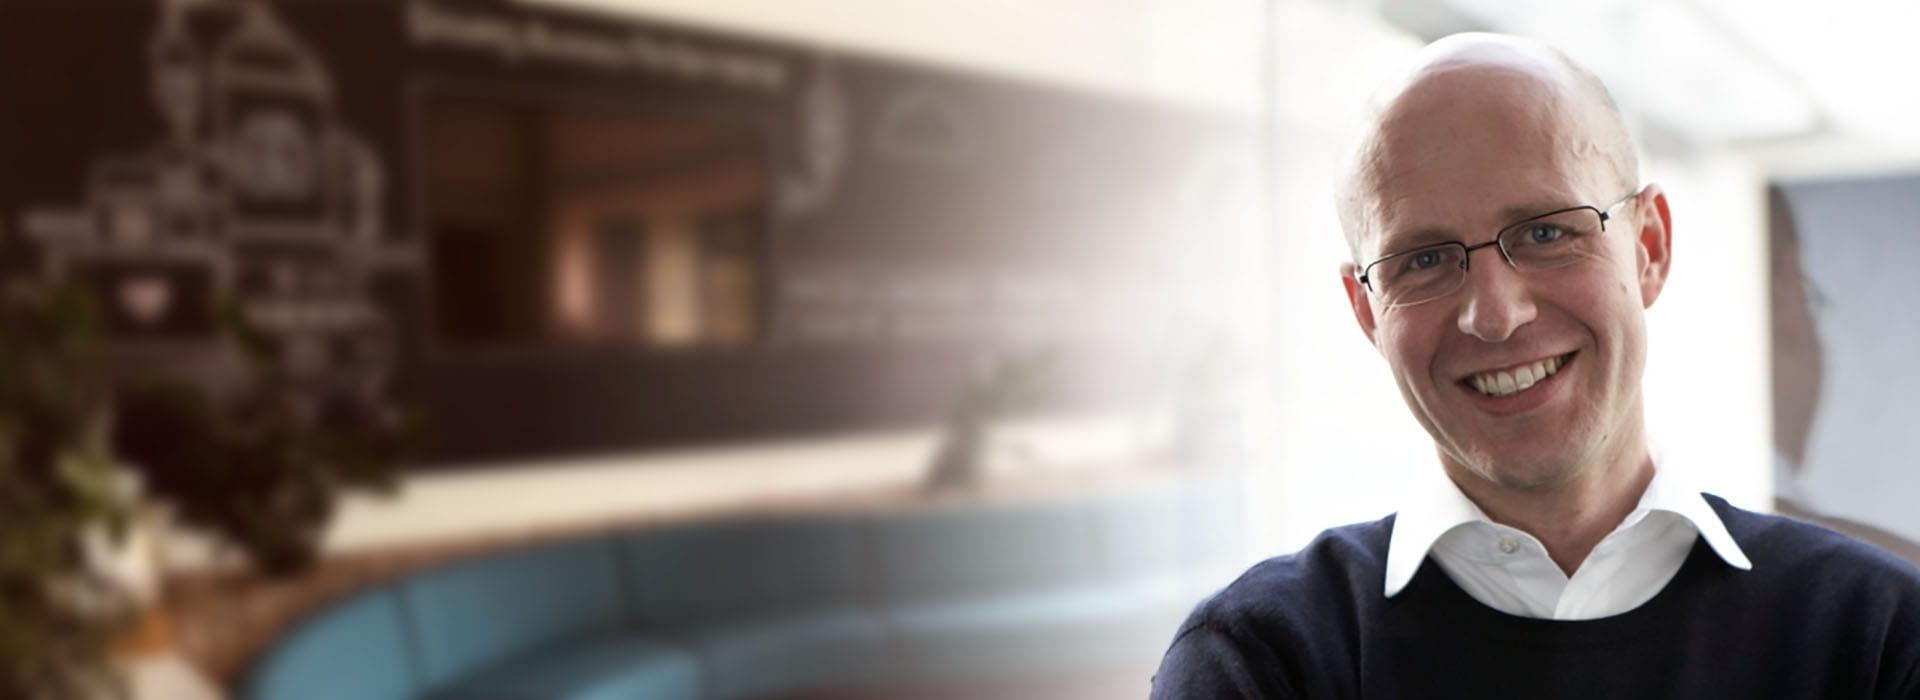 iProspect erweitert Management mit Sales-Experte